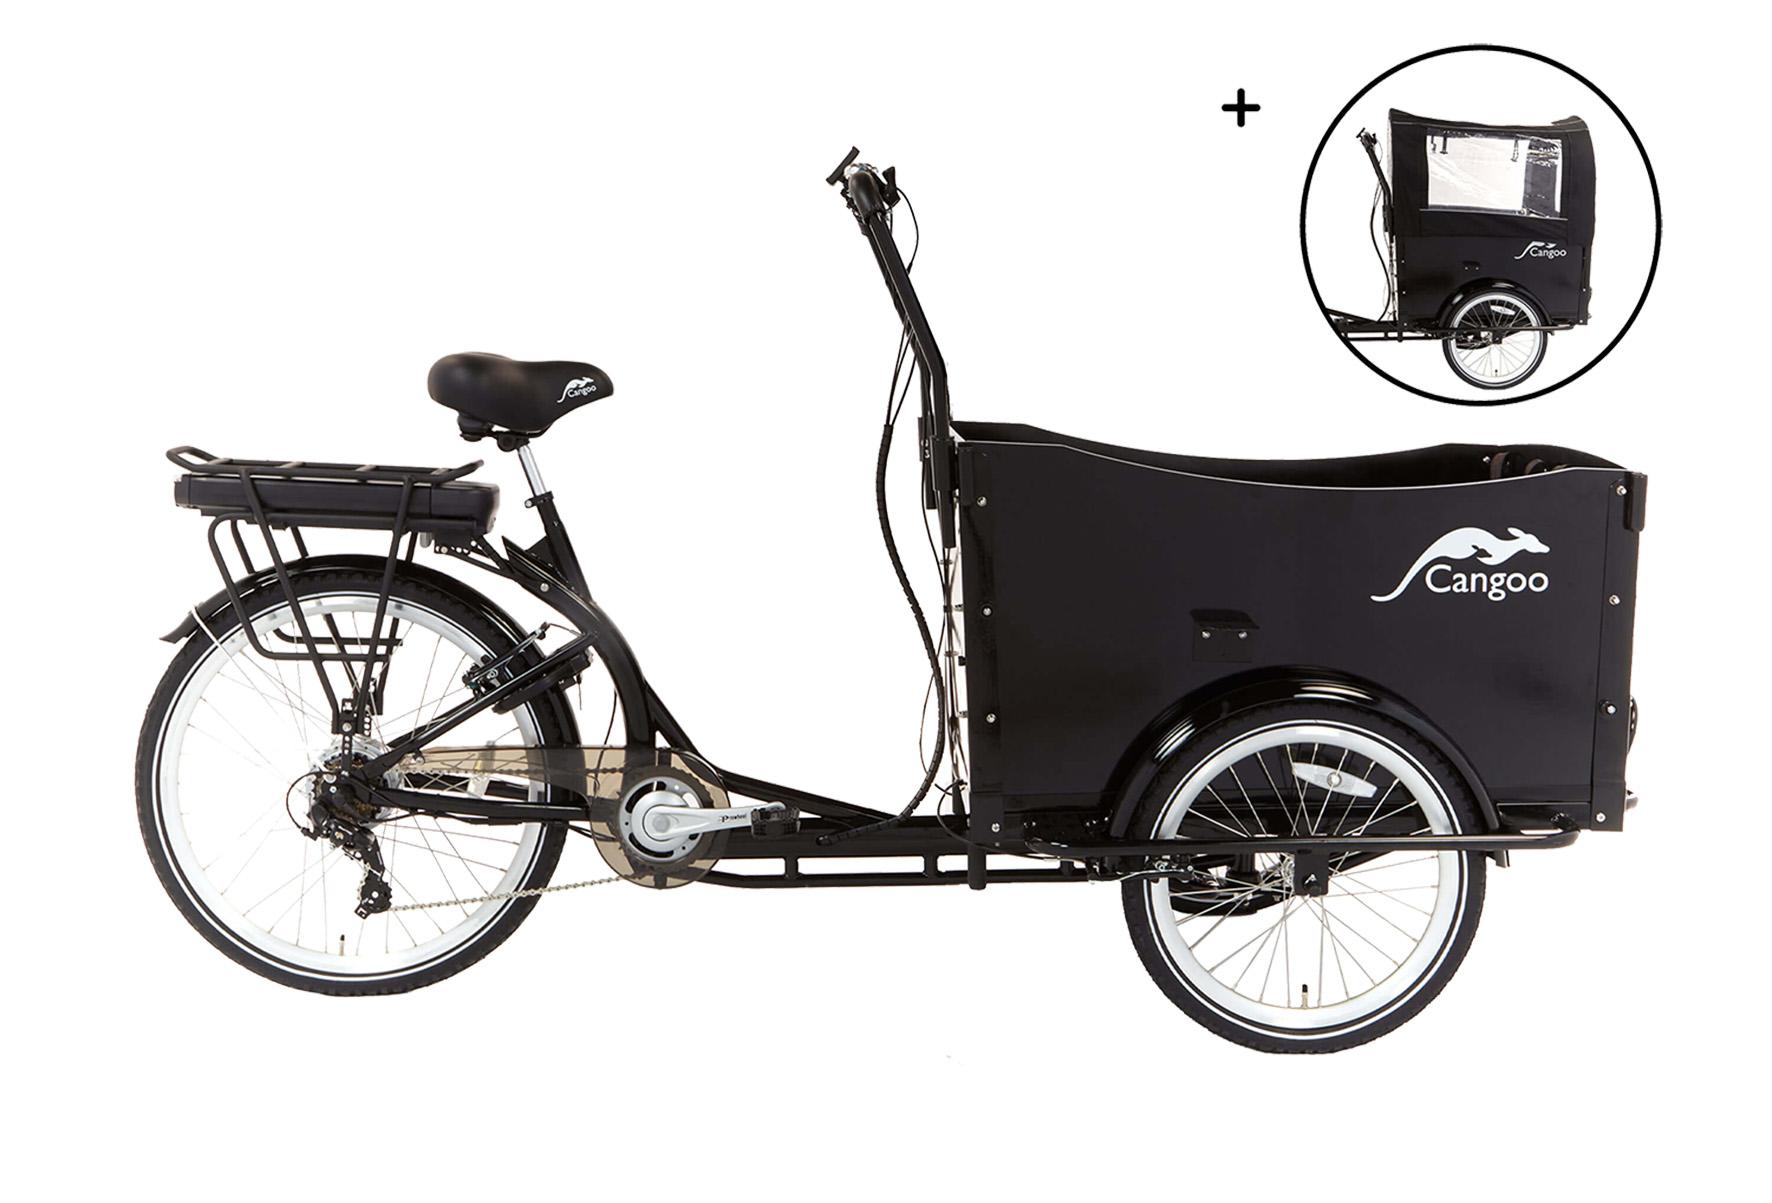 Cangoo Travel elektrische bakfiets – Zwart